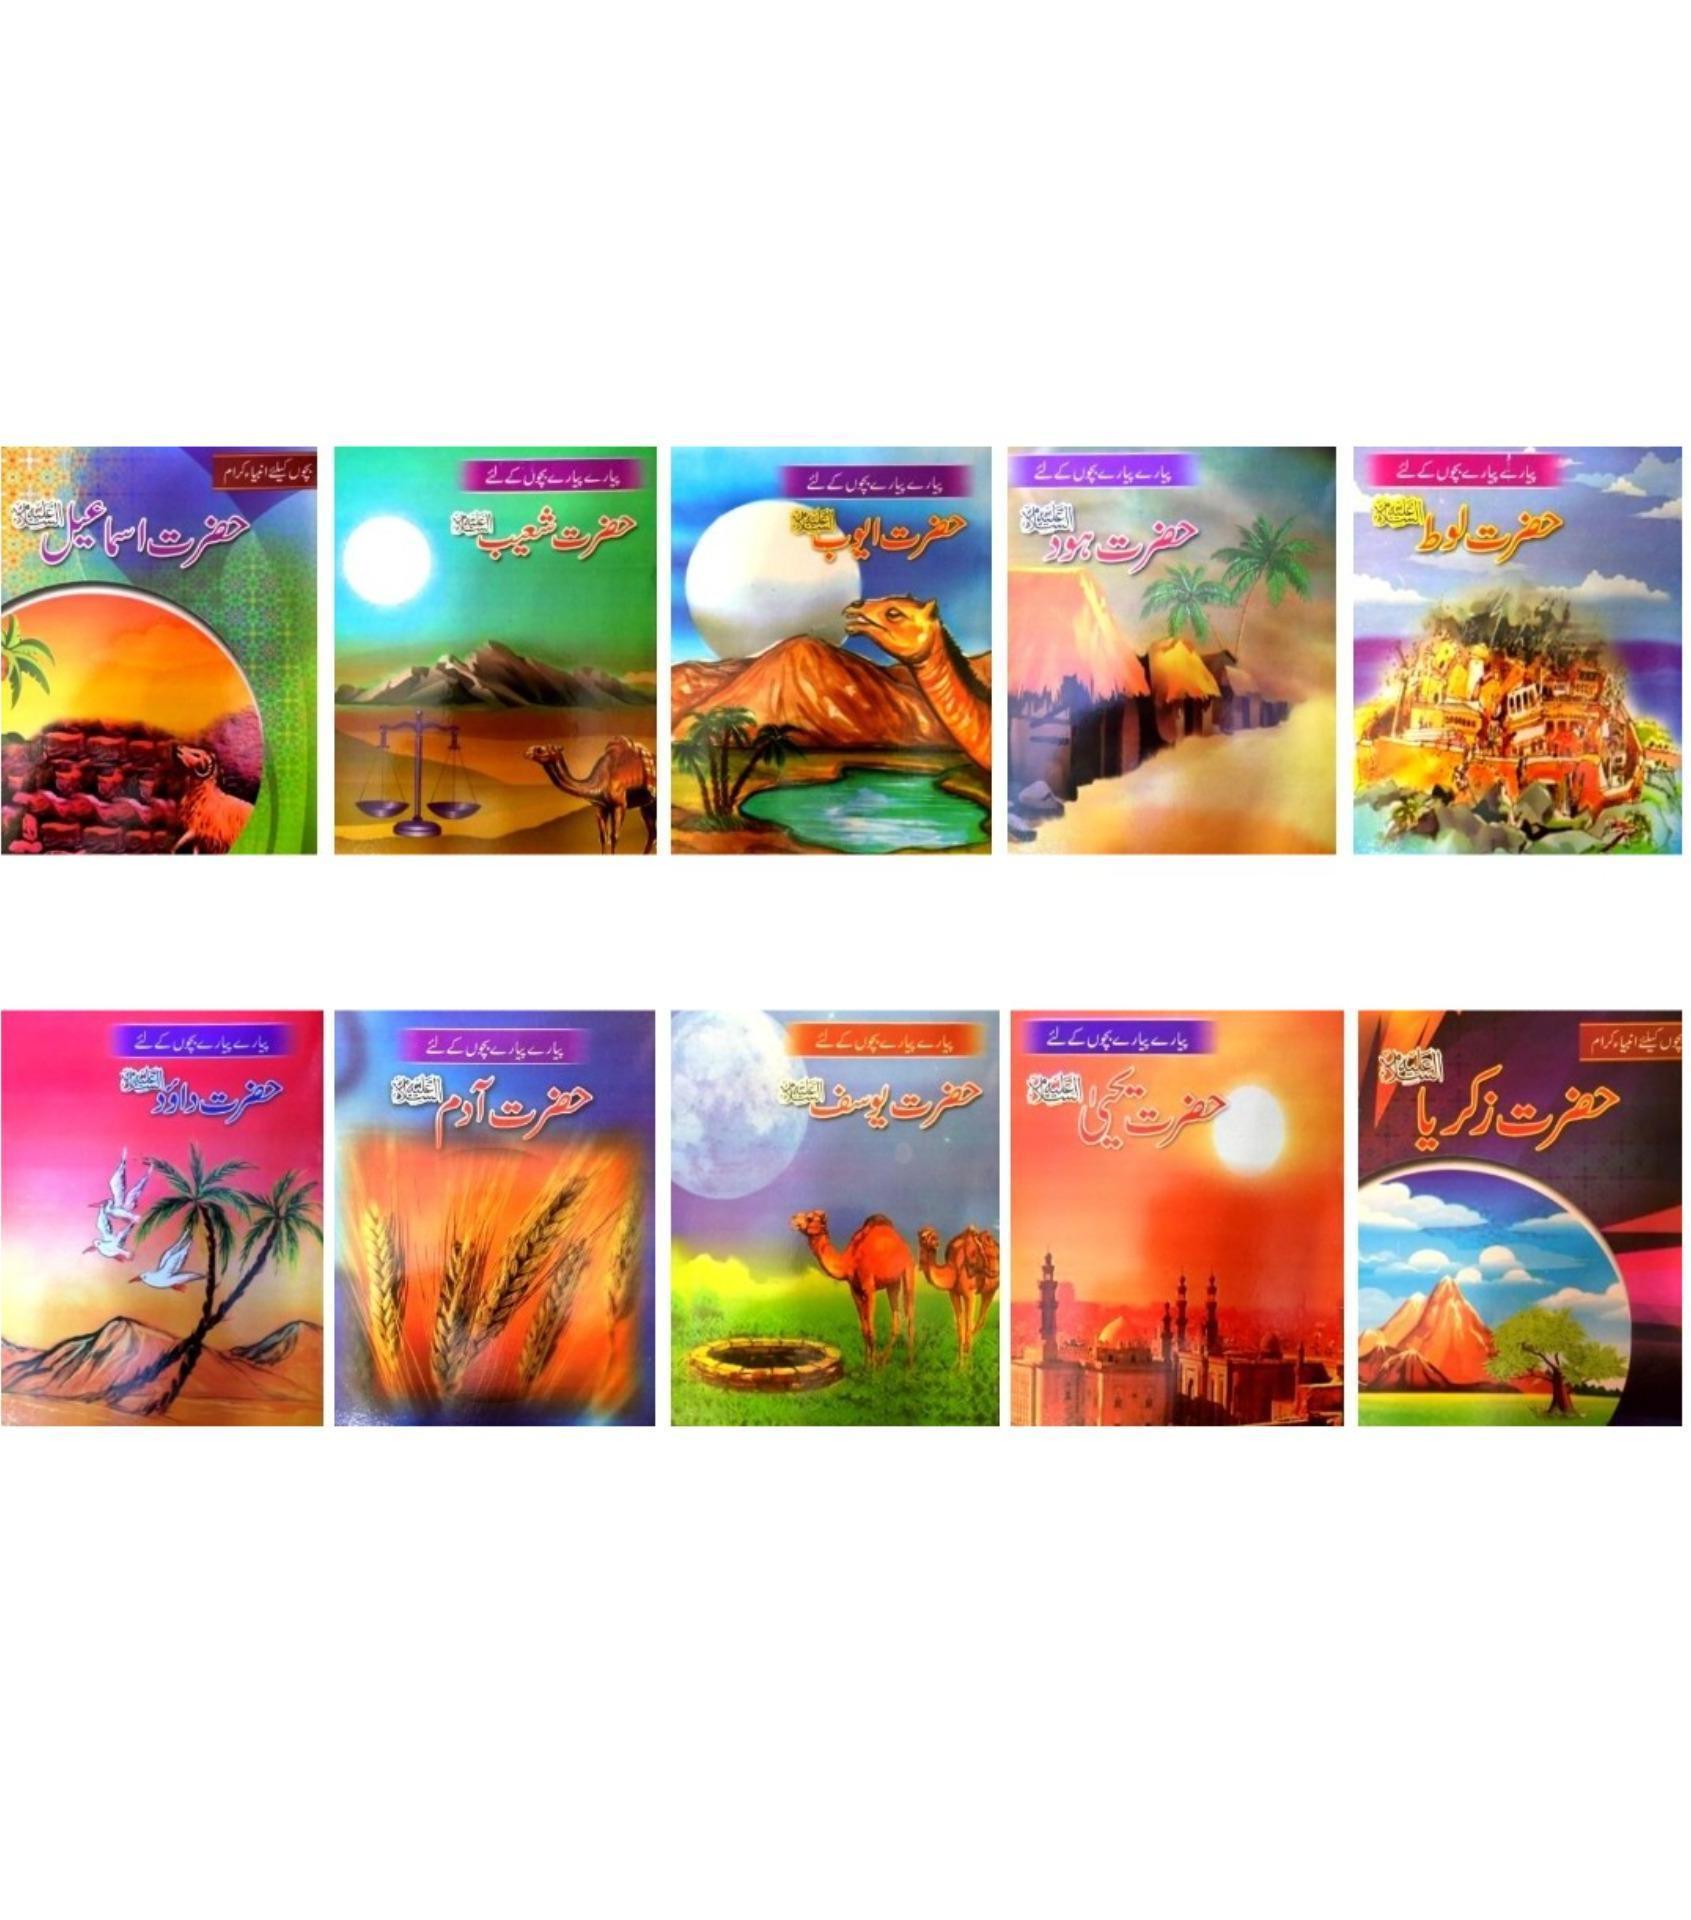 Pack Of Ten - Urdu Islamic Books For Kids